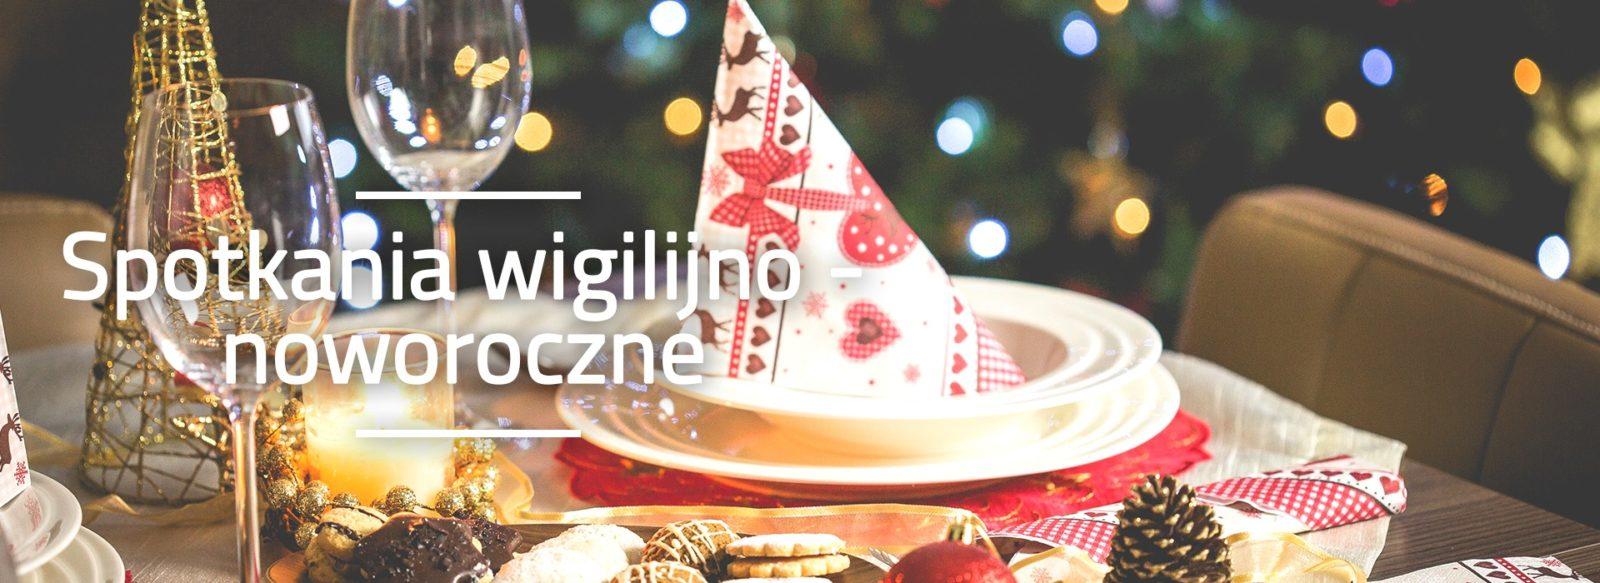 spotkania wigilijno noworoczne